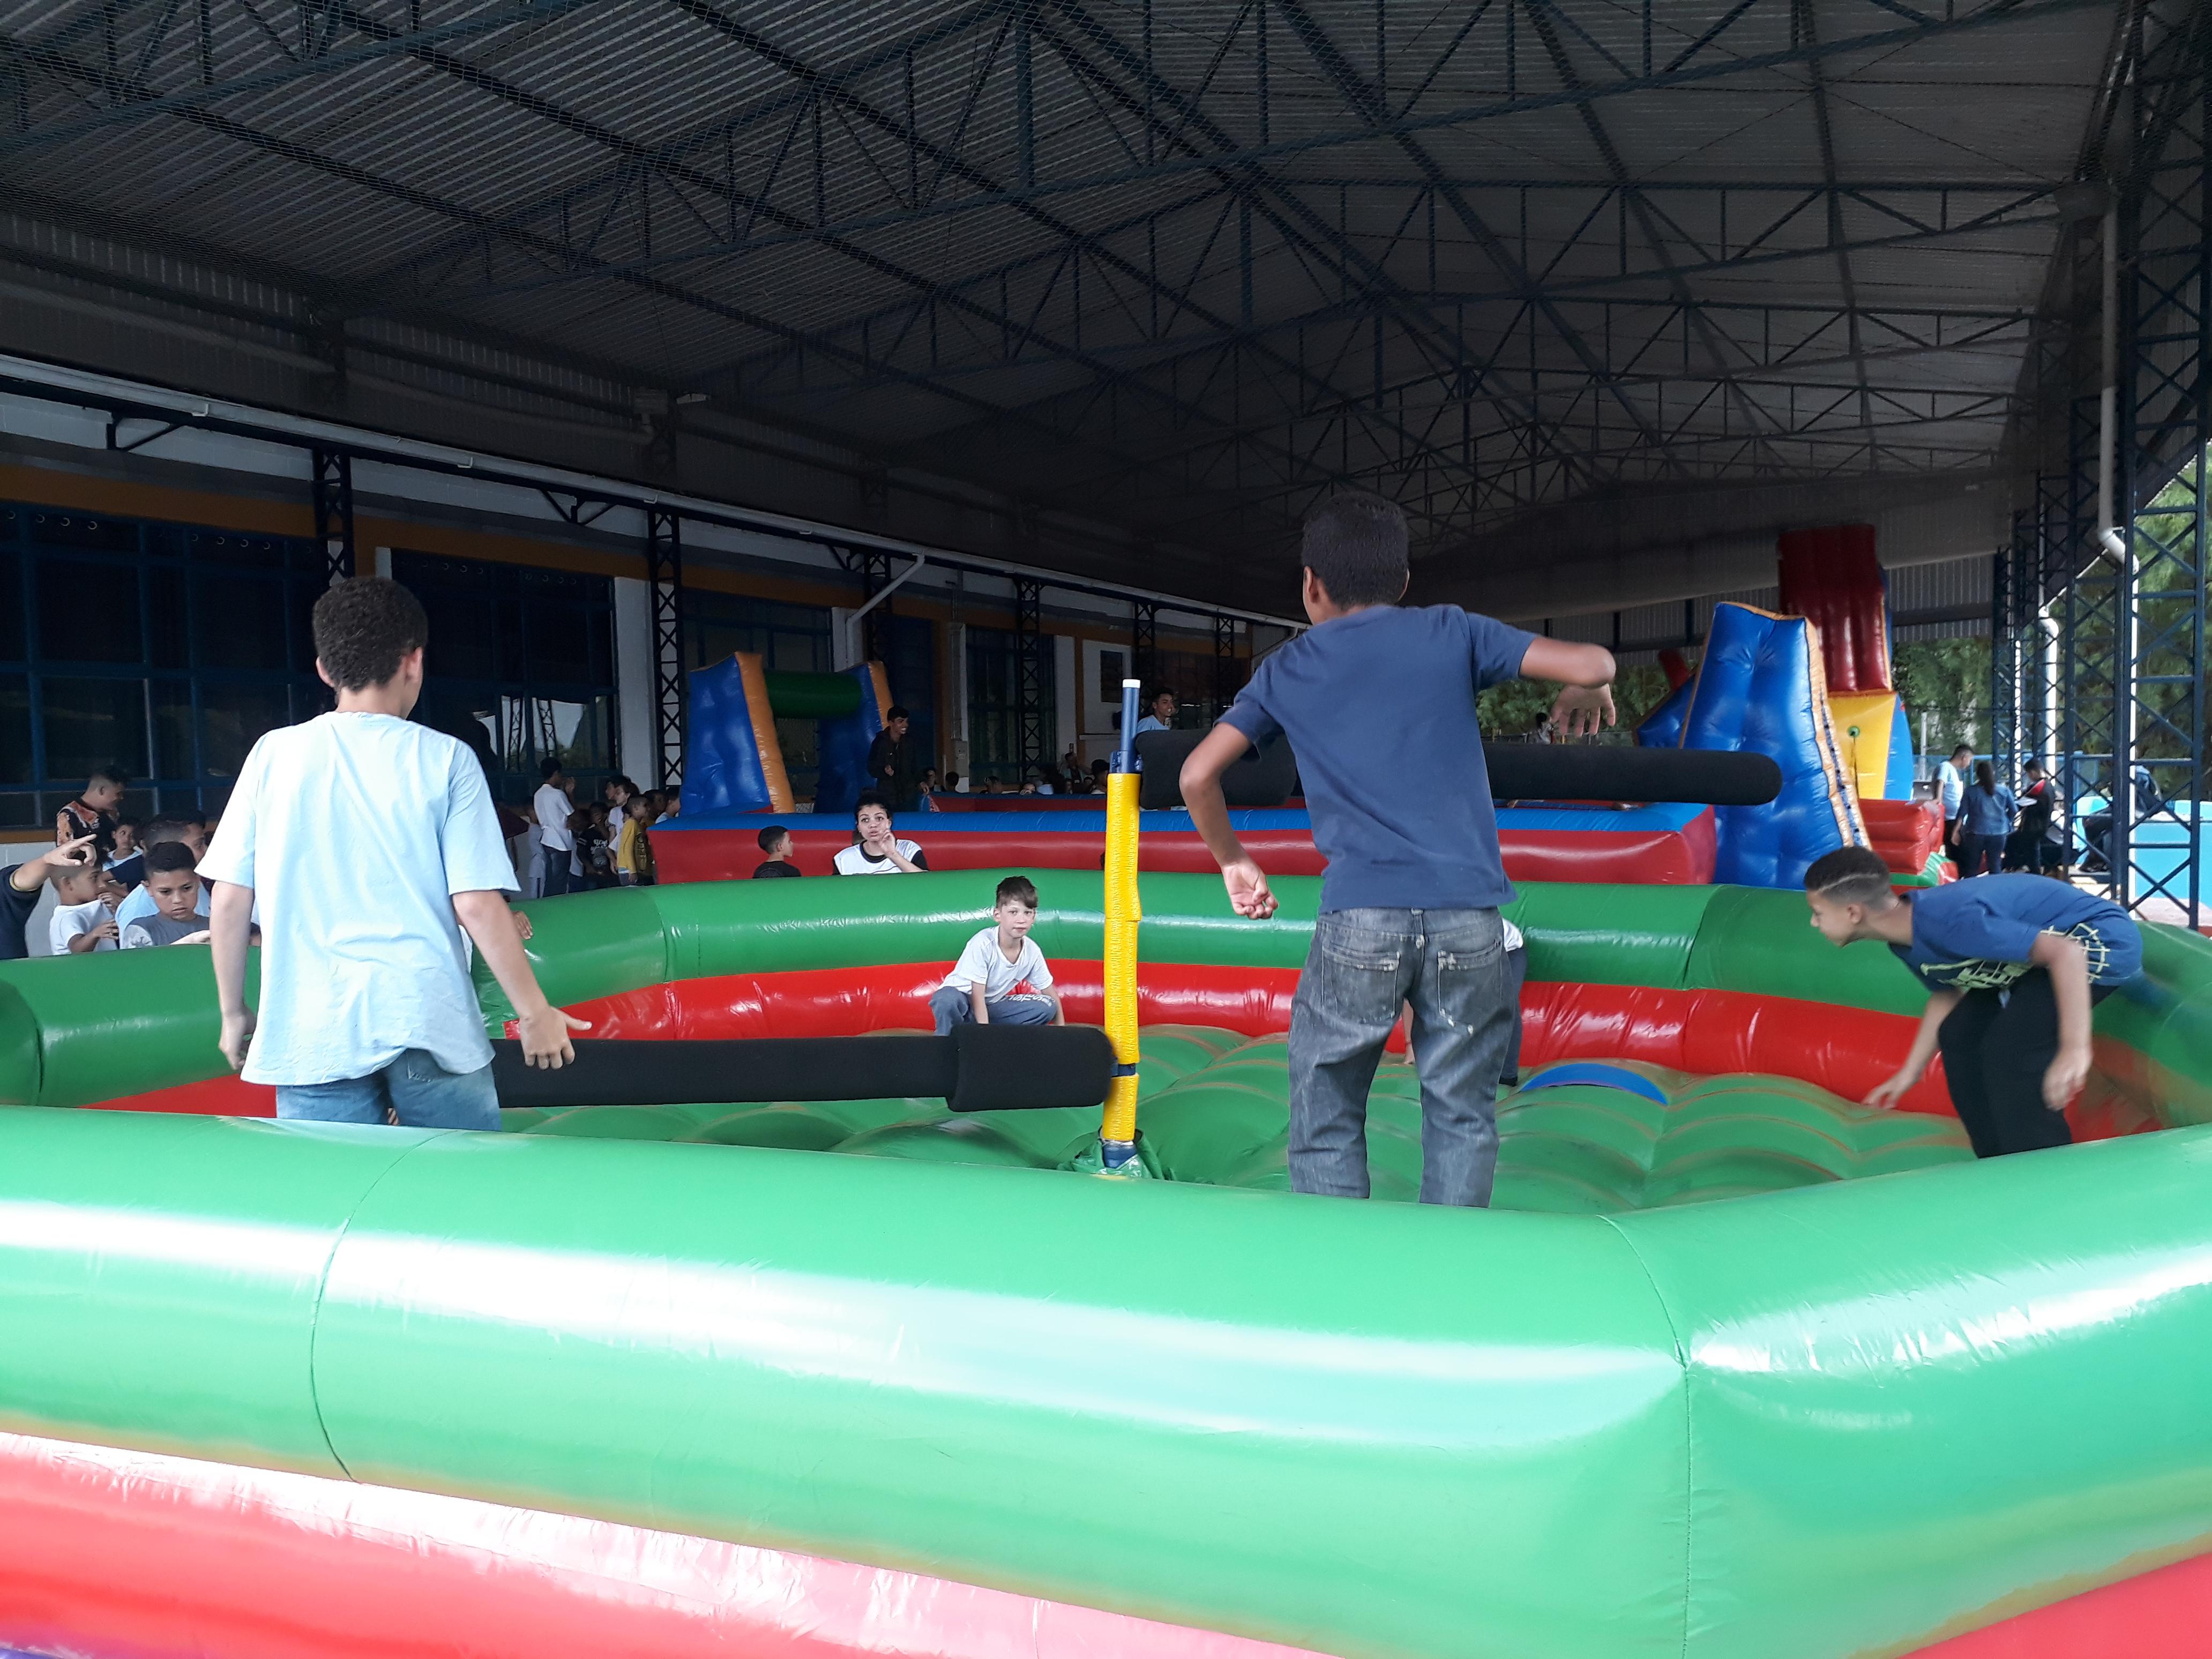 Festa Dia das Crianças com brinquedos infláveis